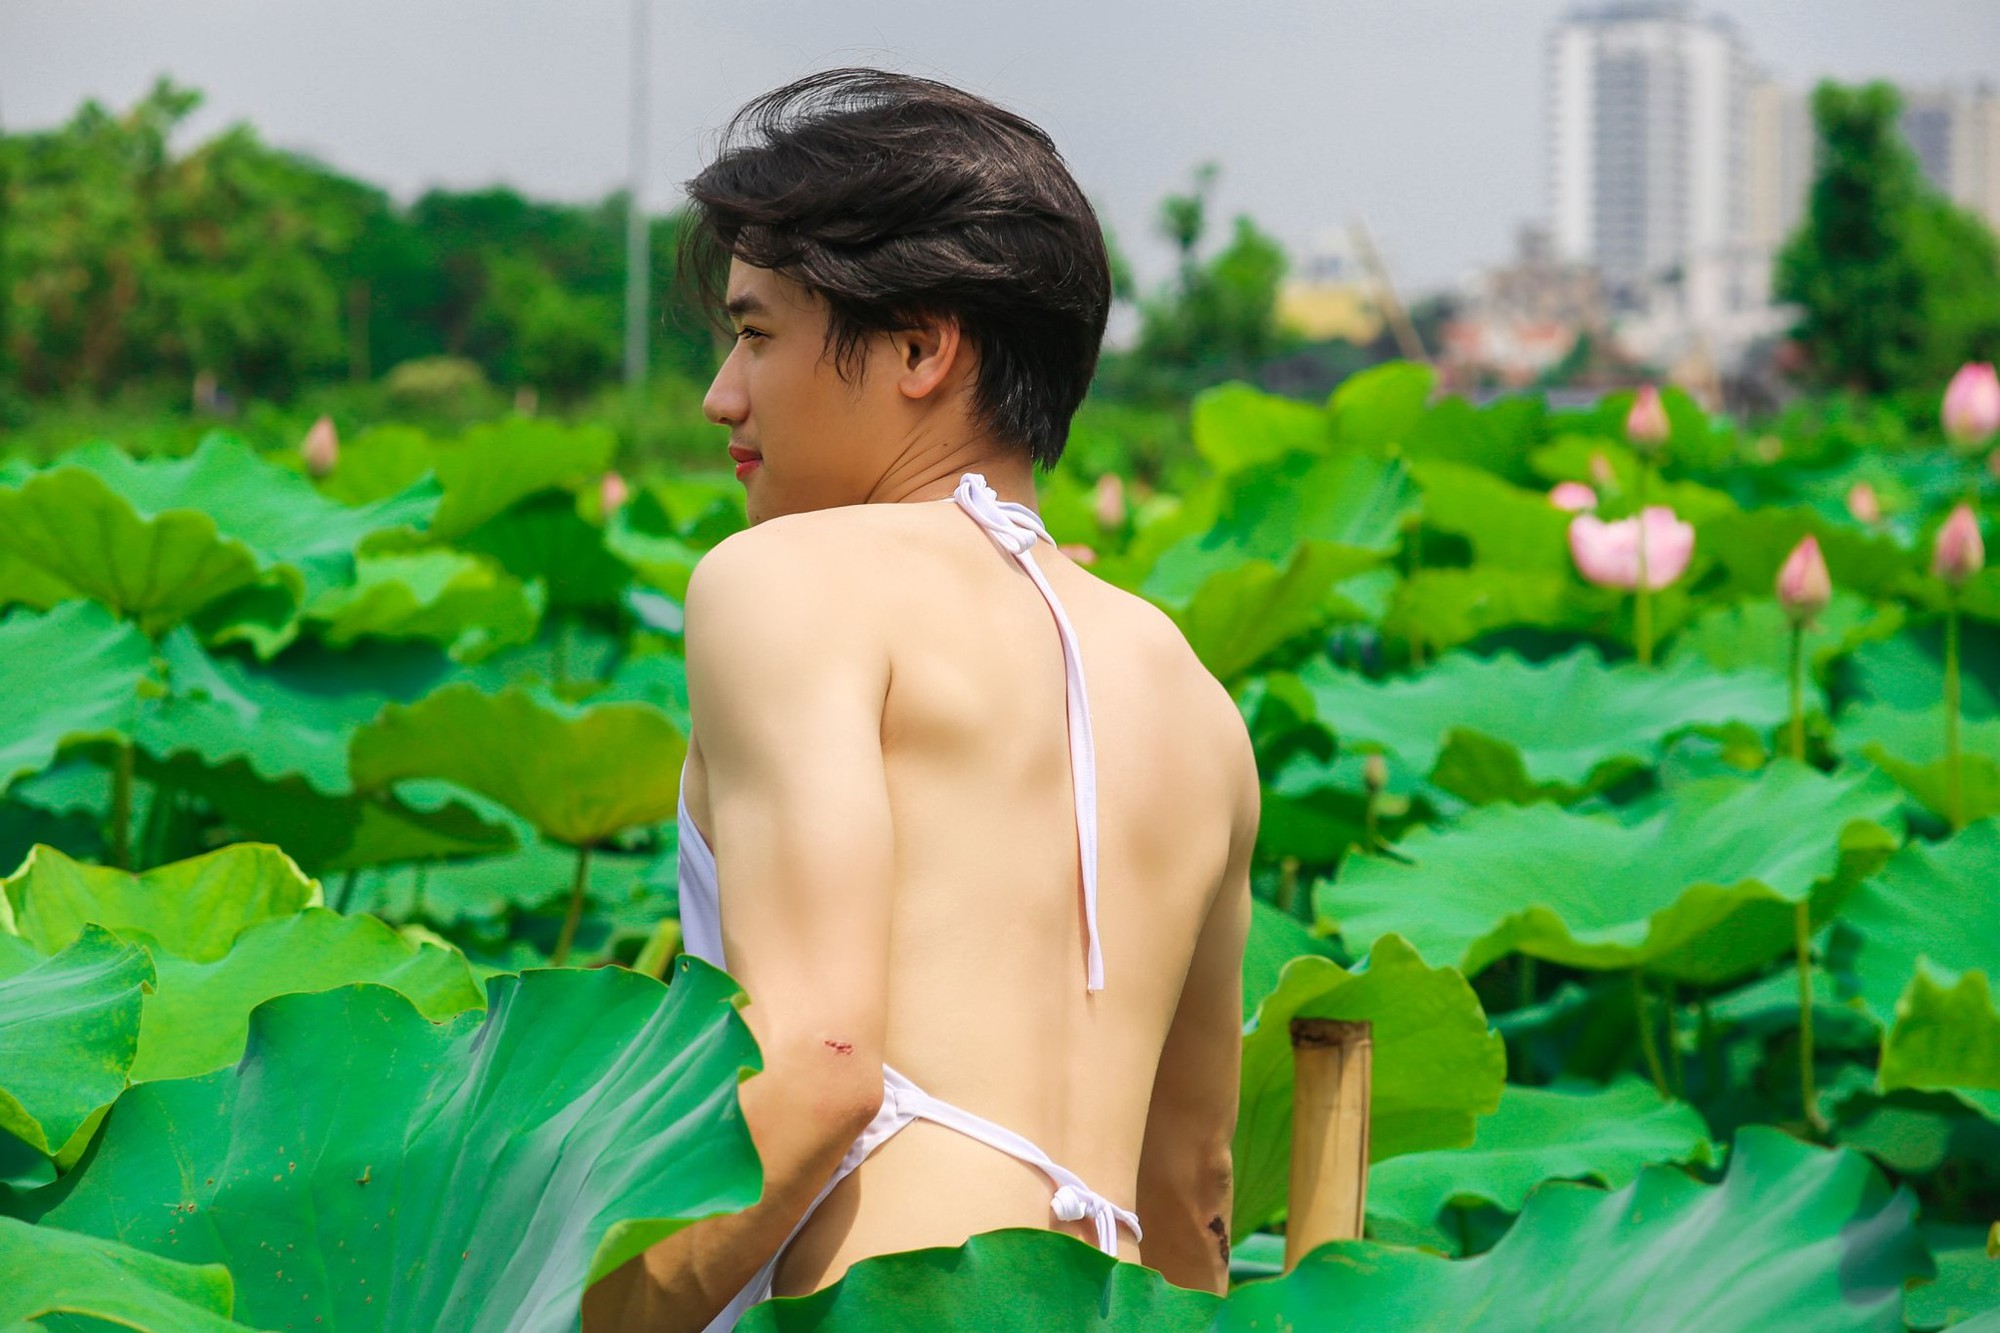 Mỹ nam mặc áo yếm bên hồ sen chính thức lên tiếng về bộ ảnh gây tranh cãi trên mạng xã hội - Ảnh 4.